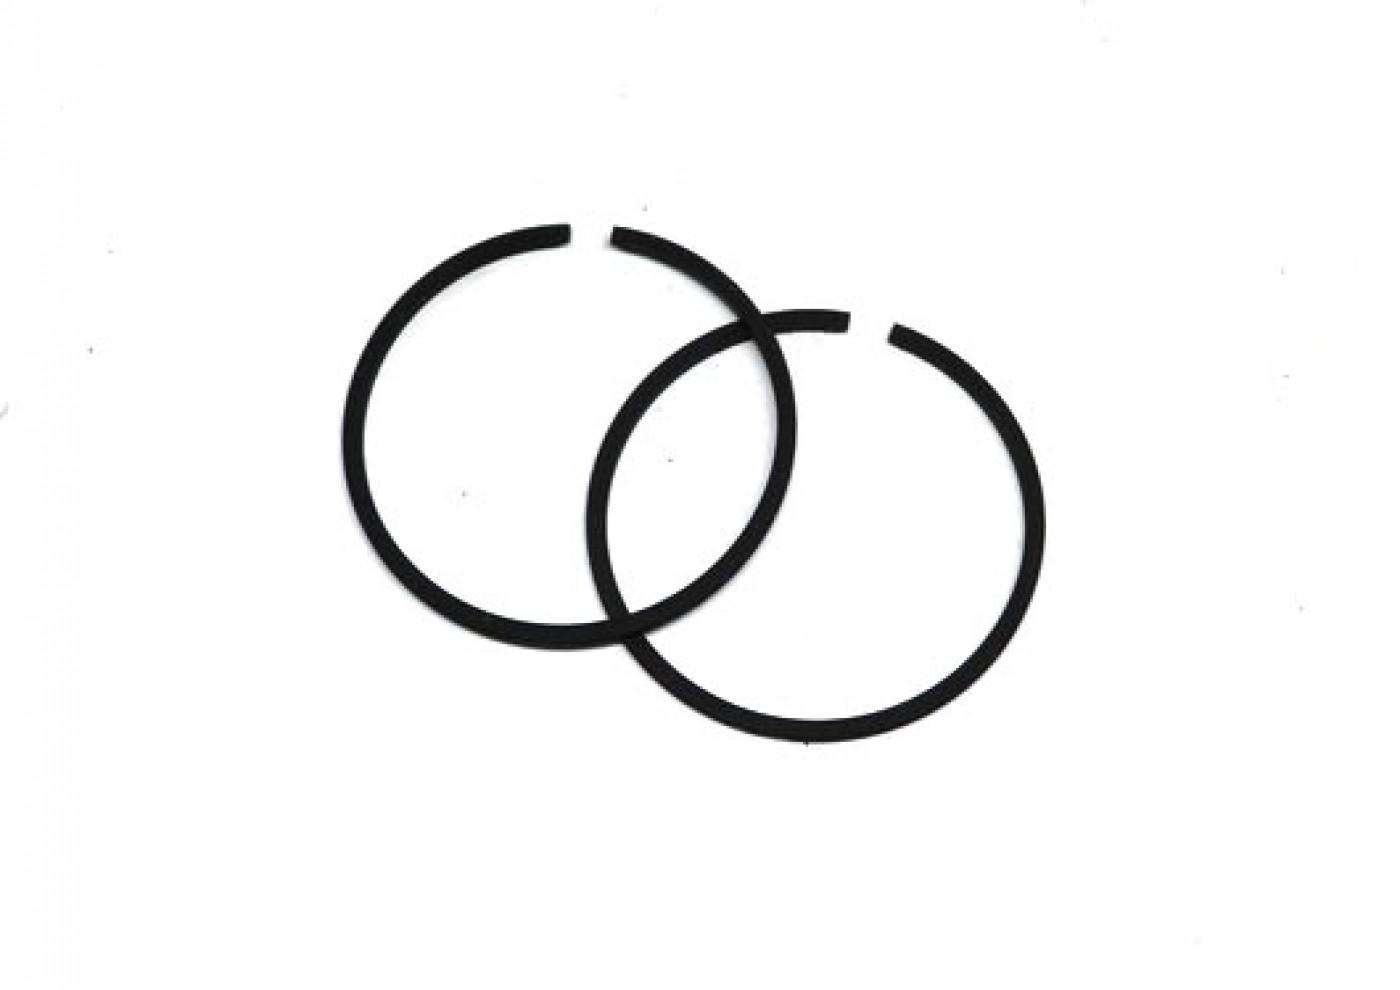 Súprava piestnych krúžkov Stihl FS55